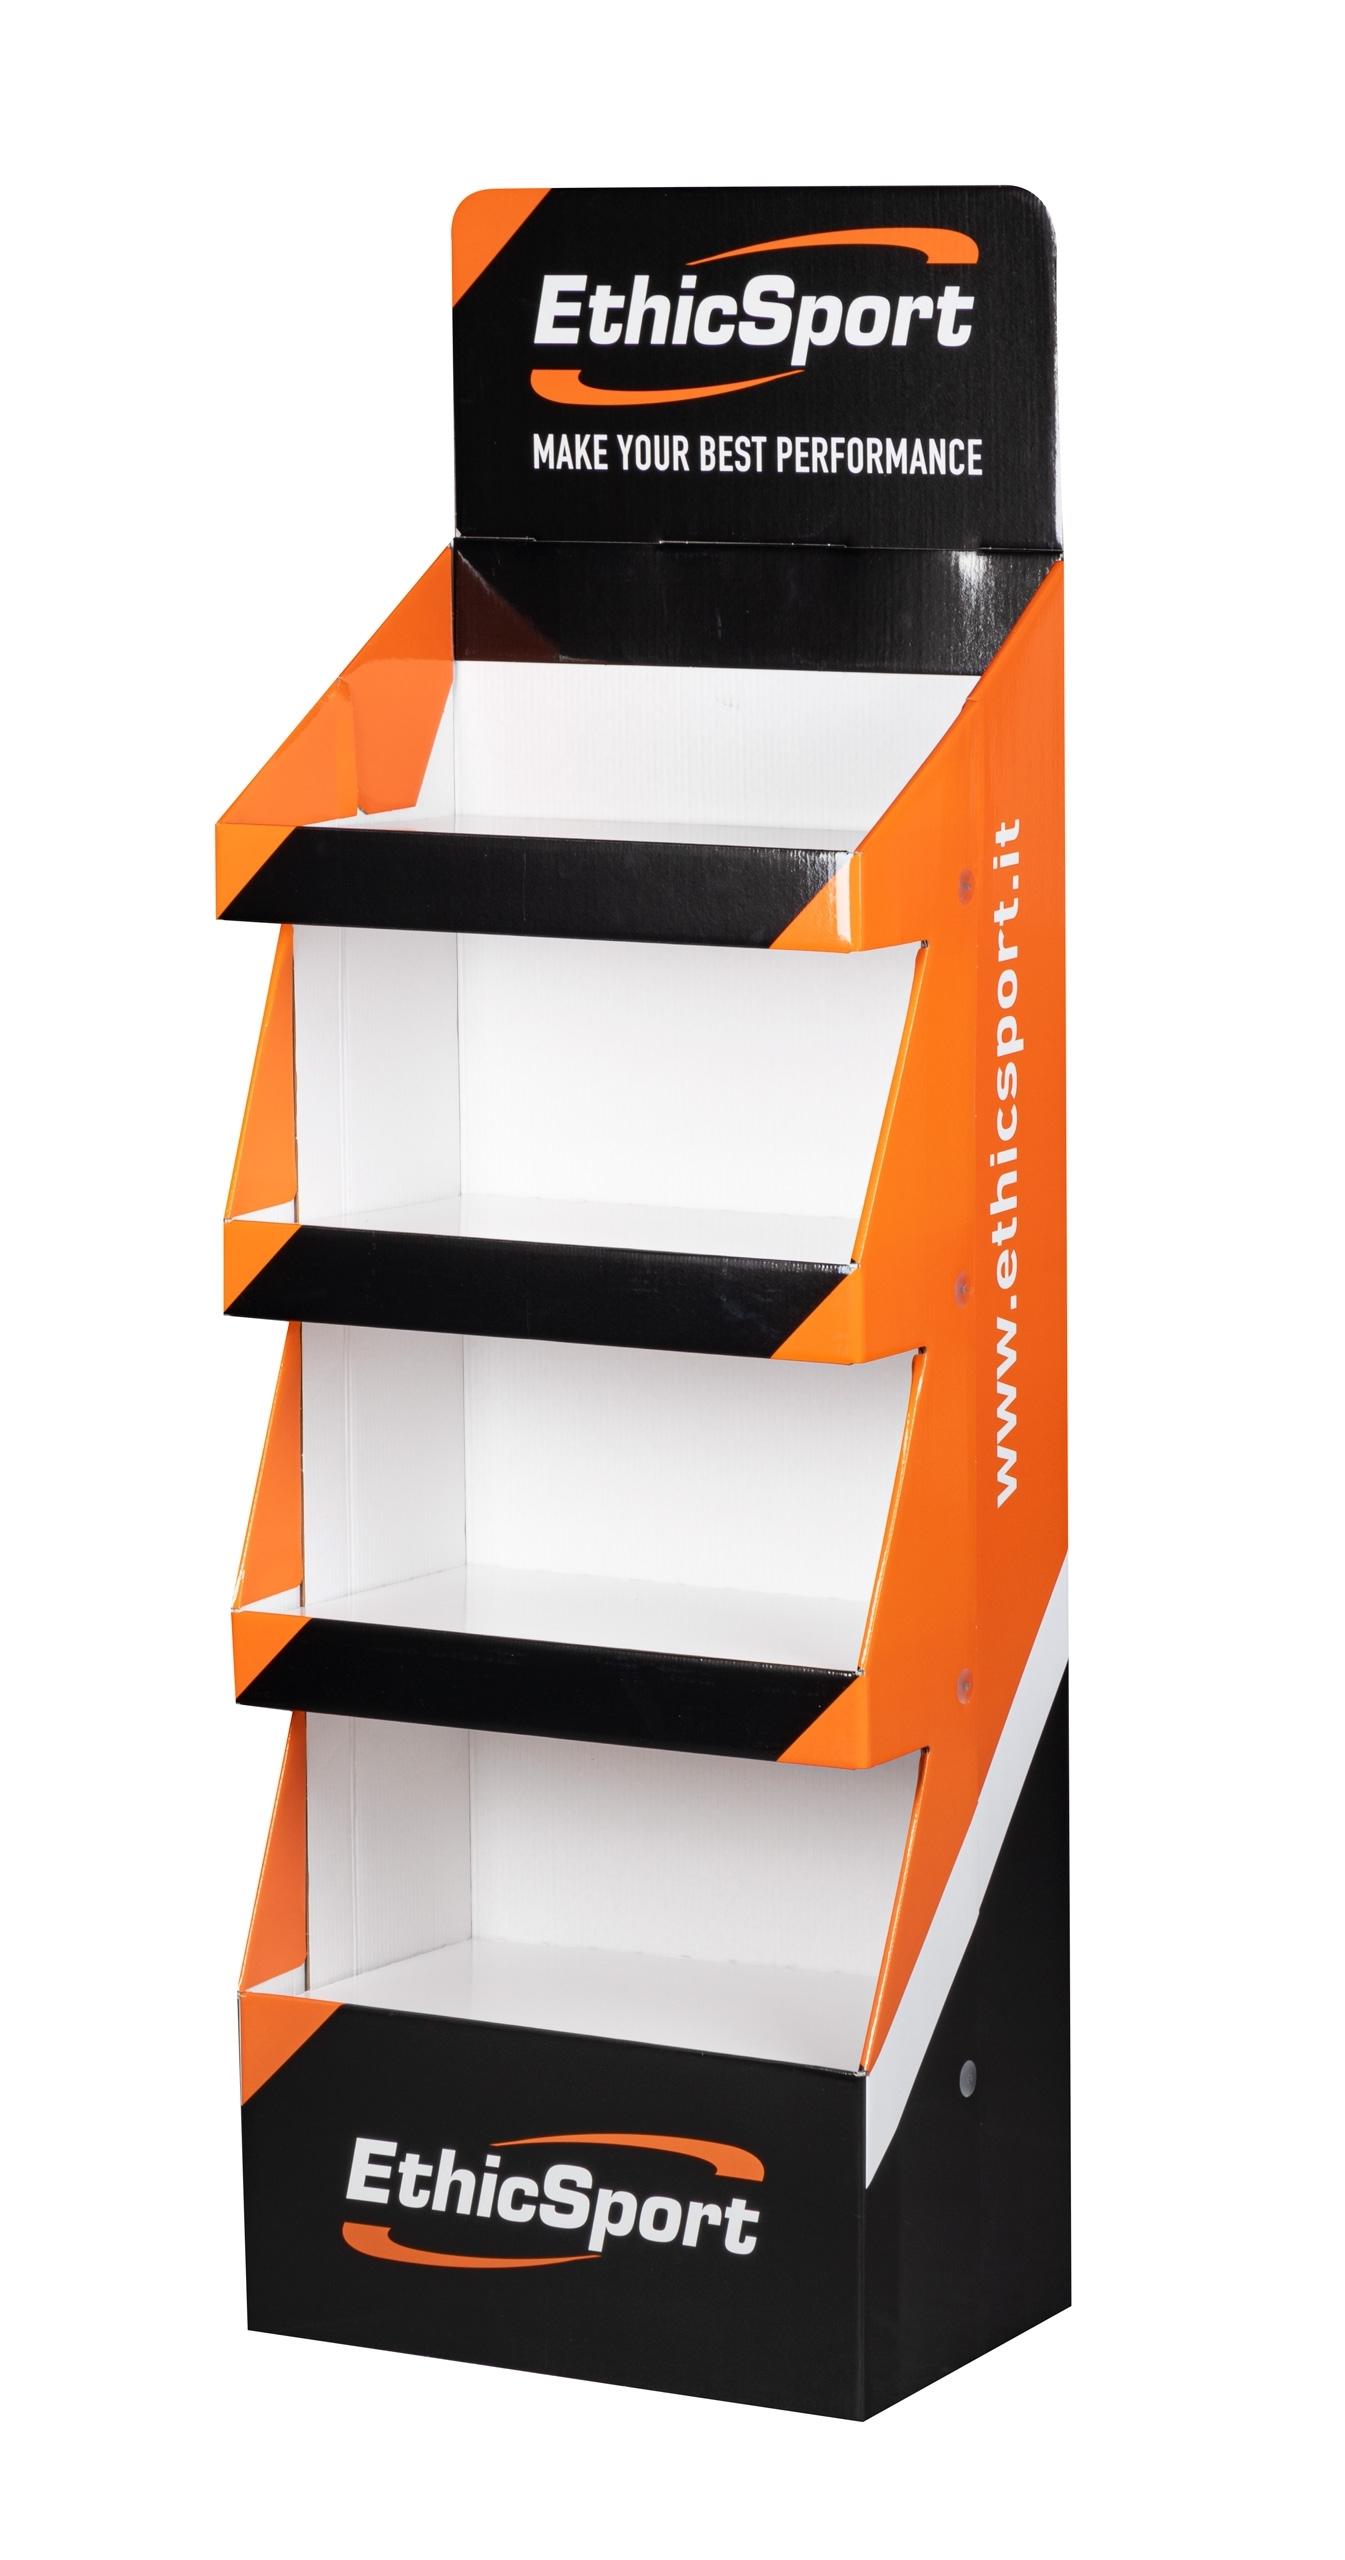 stojan ETHICSPORT produktový, velký, papírový